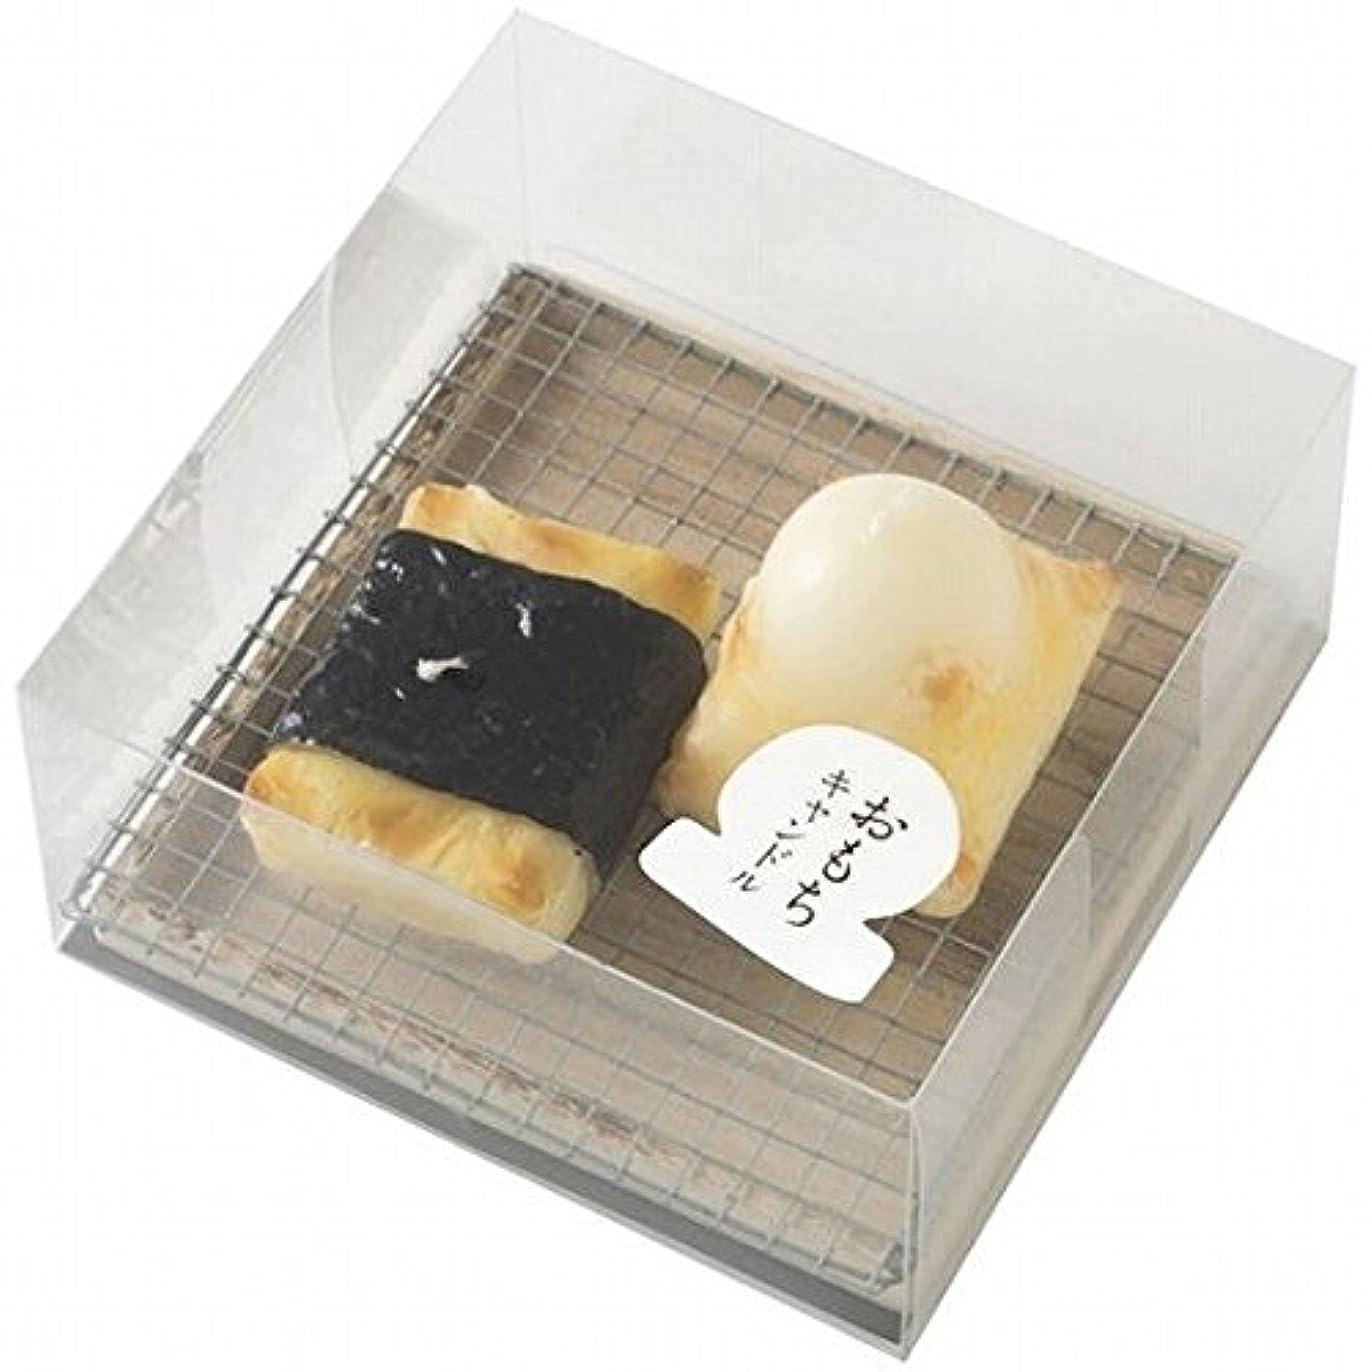 パテ怠けた発症kameyama candle(カメヤマキャンドル) おもちキャンドル(86930000)